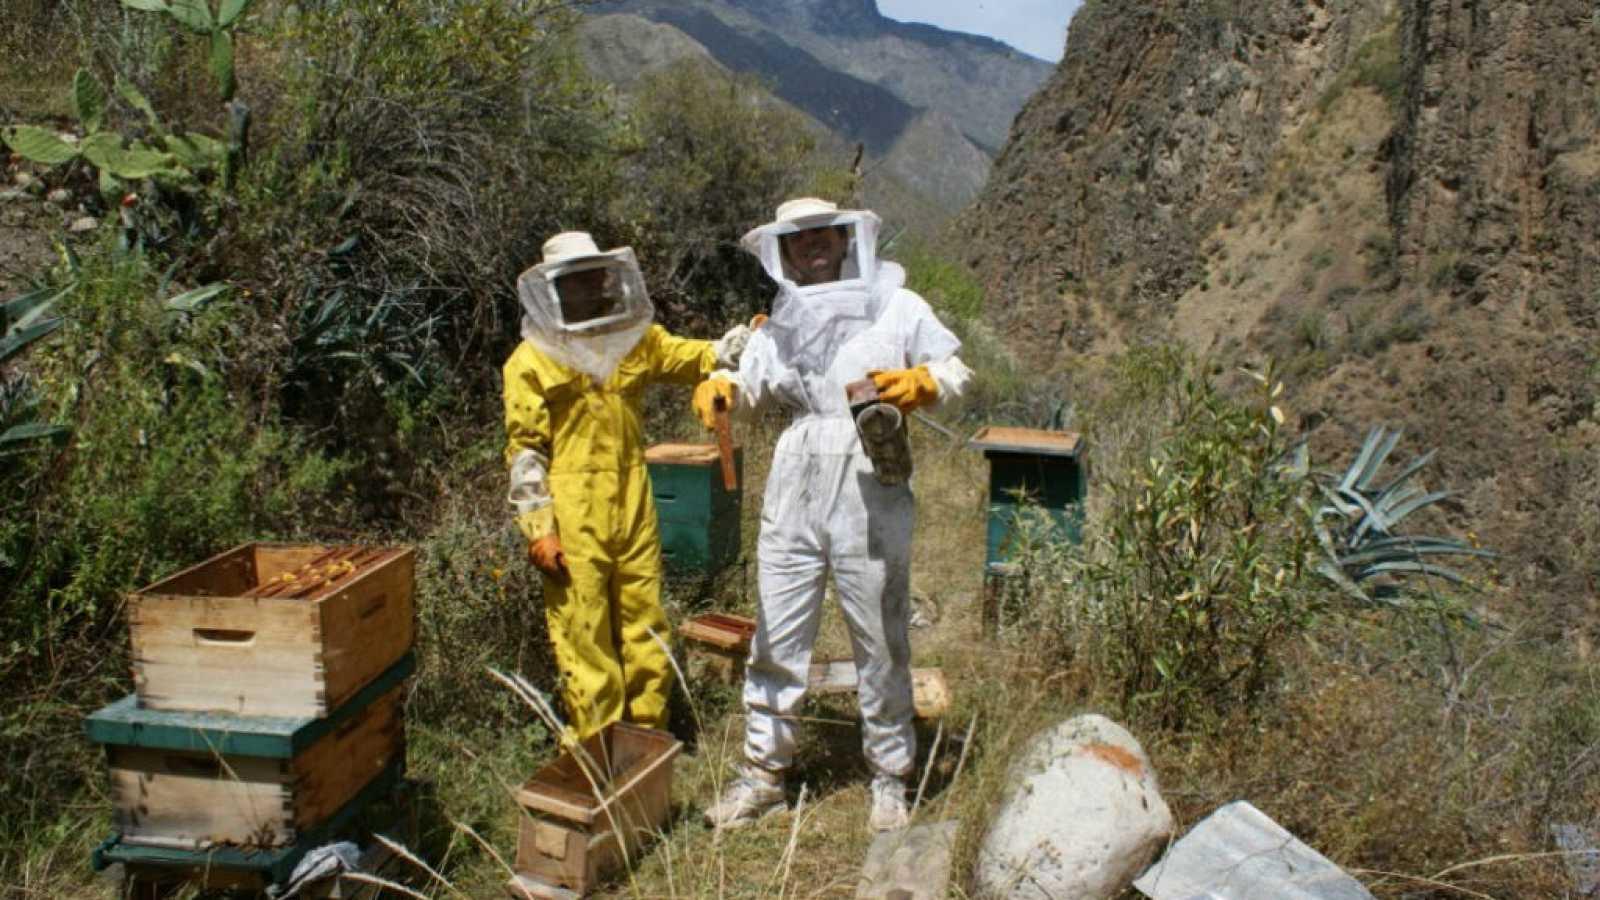 Mundo aparte - La miel que empodera a las mujeres - 2/06/19 - Escuchar ahora